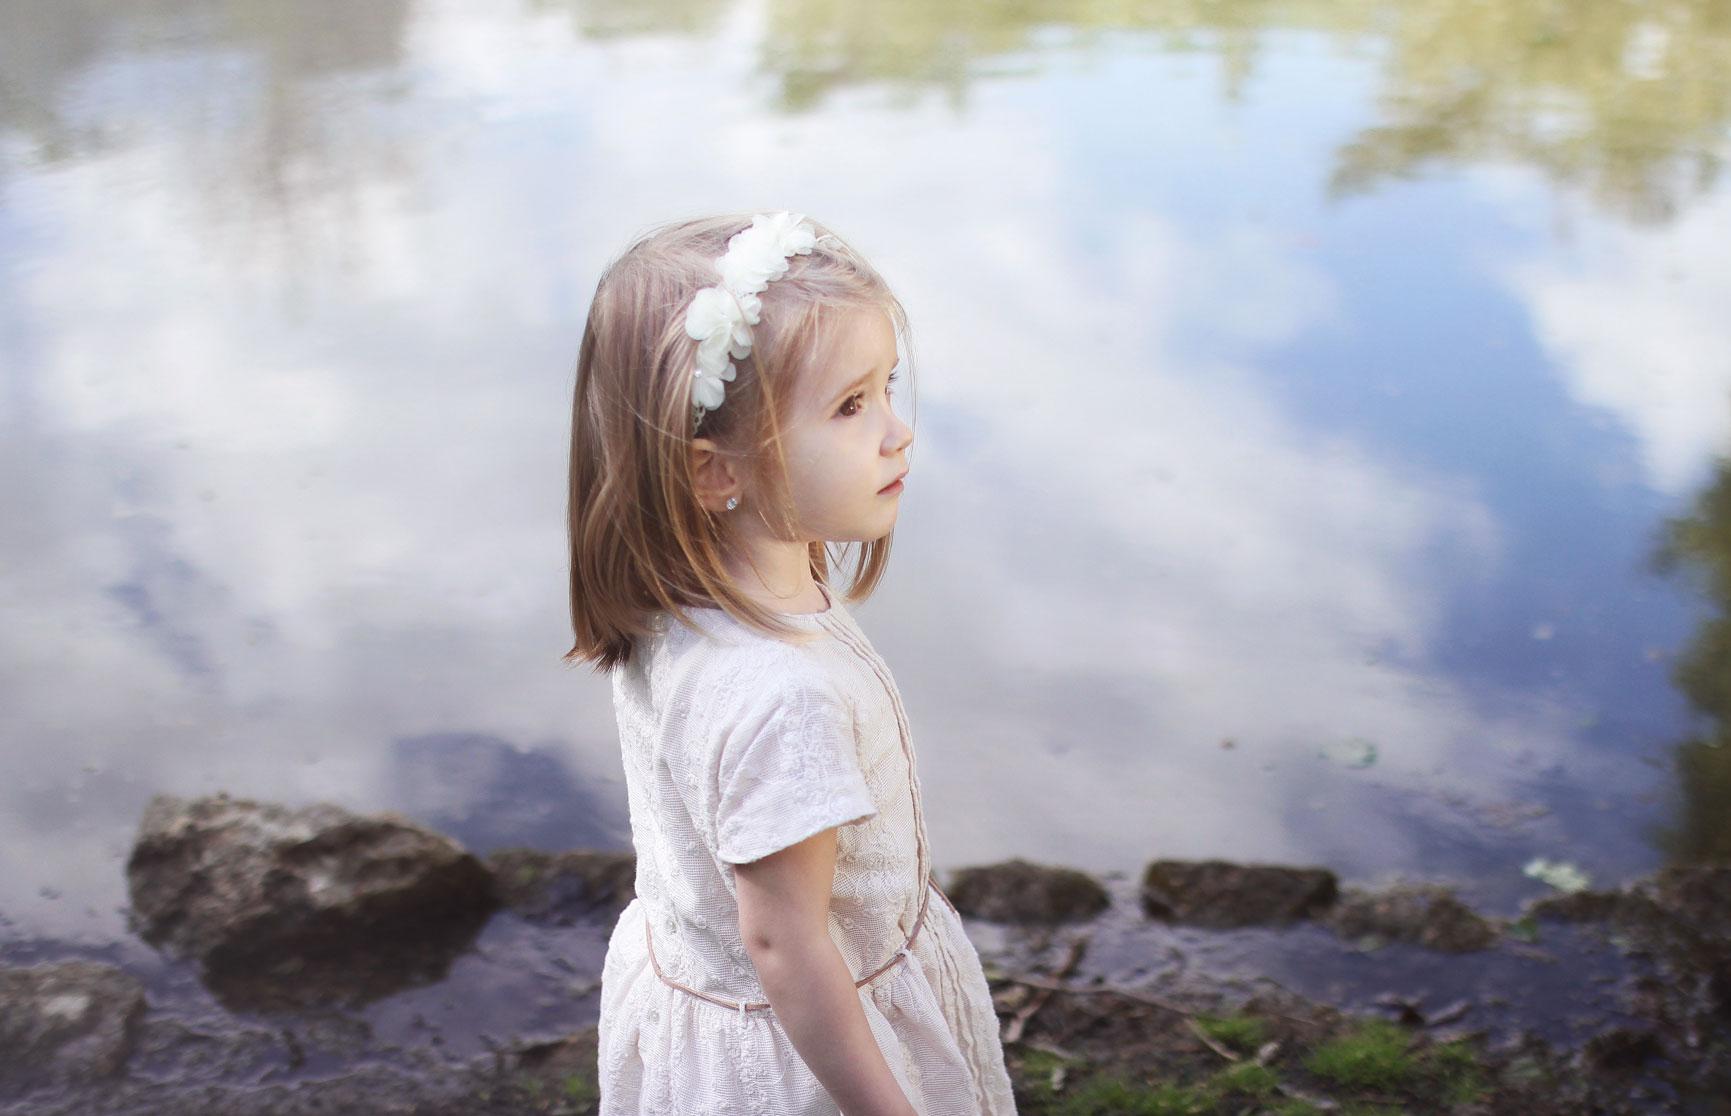 Une petite fille au bord de l'eau avec une jolie robe blanche et des fleurs dans les cheveux